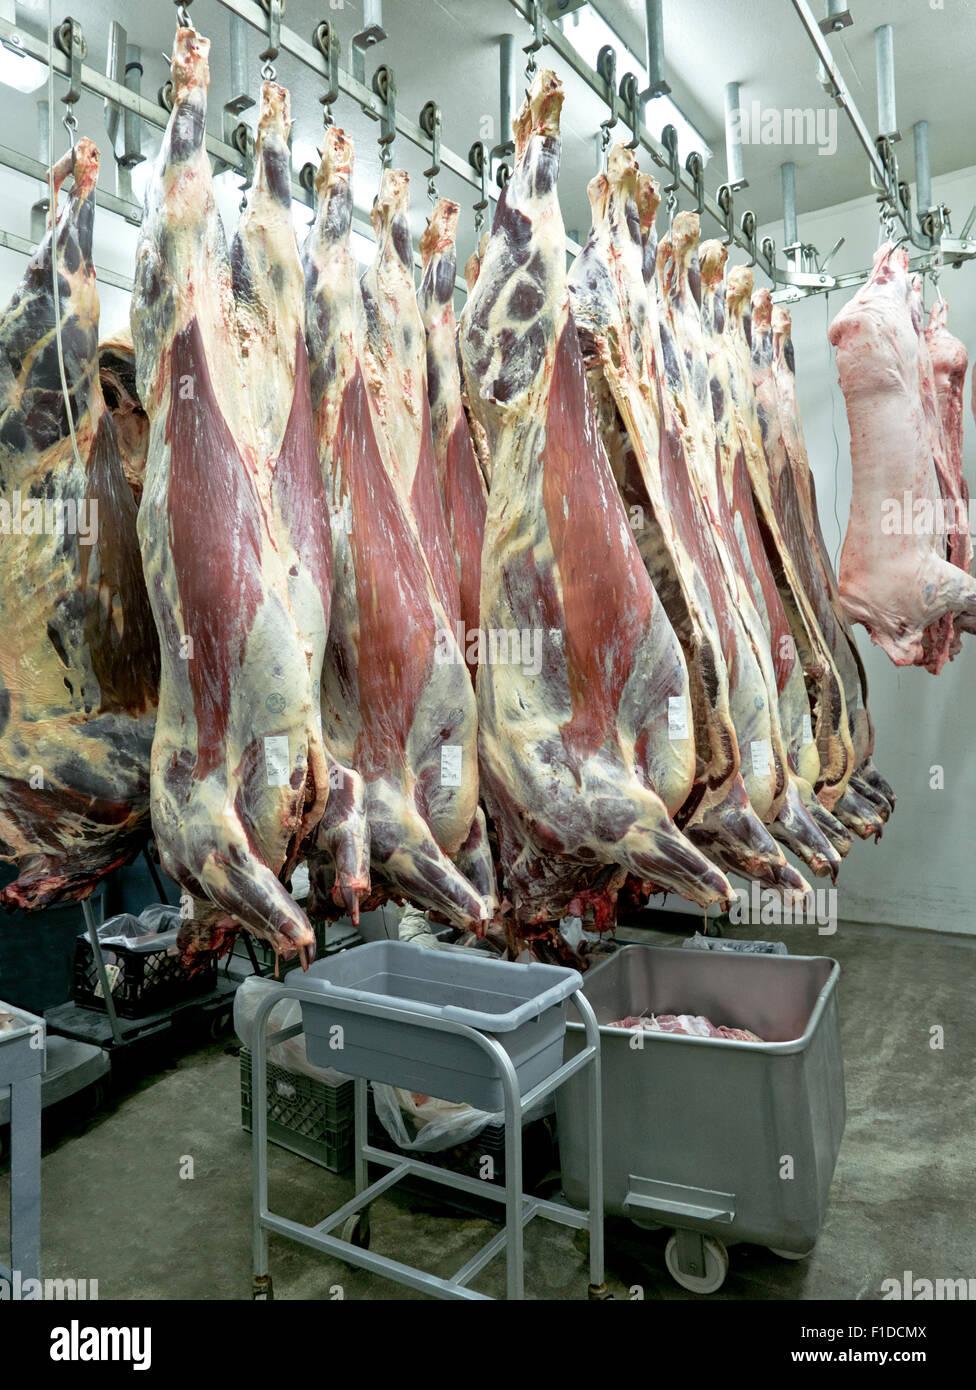 Le vieillissement des carcasses de boeuf et porc accroché dans le refroidisseur. Photo Stock